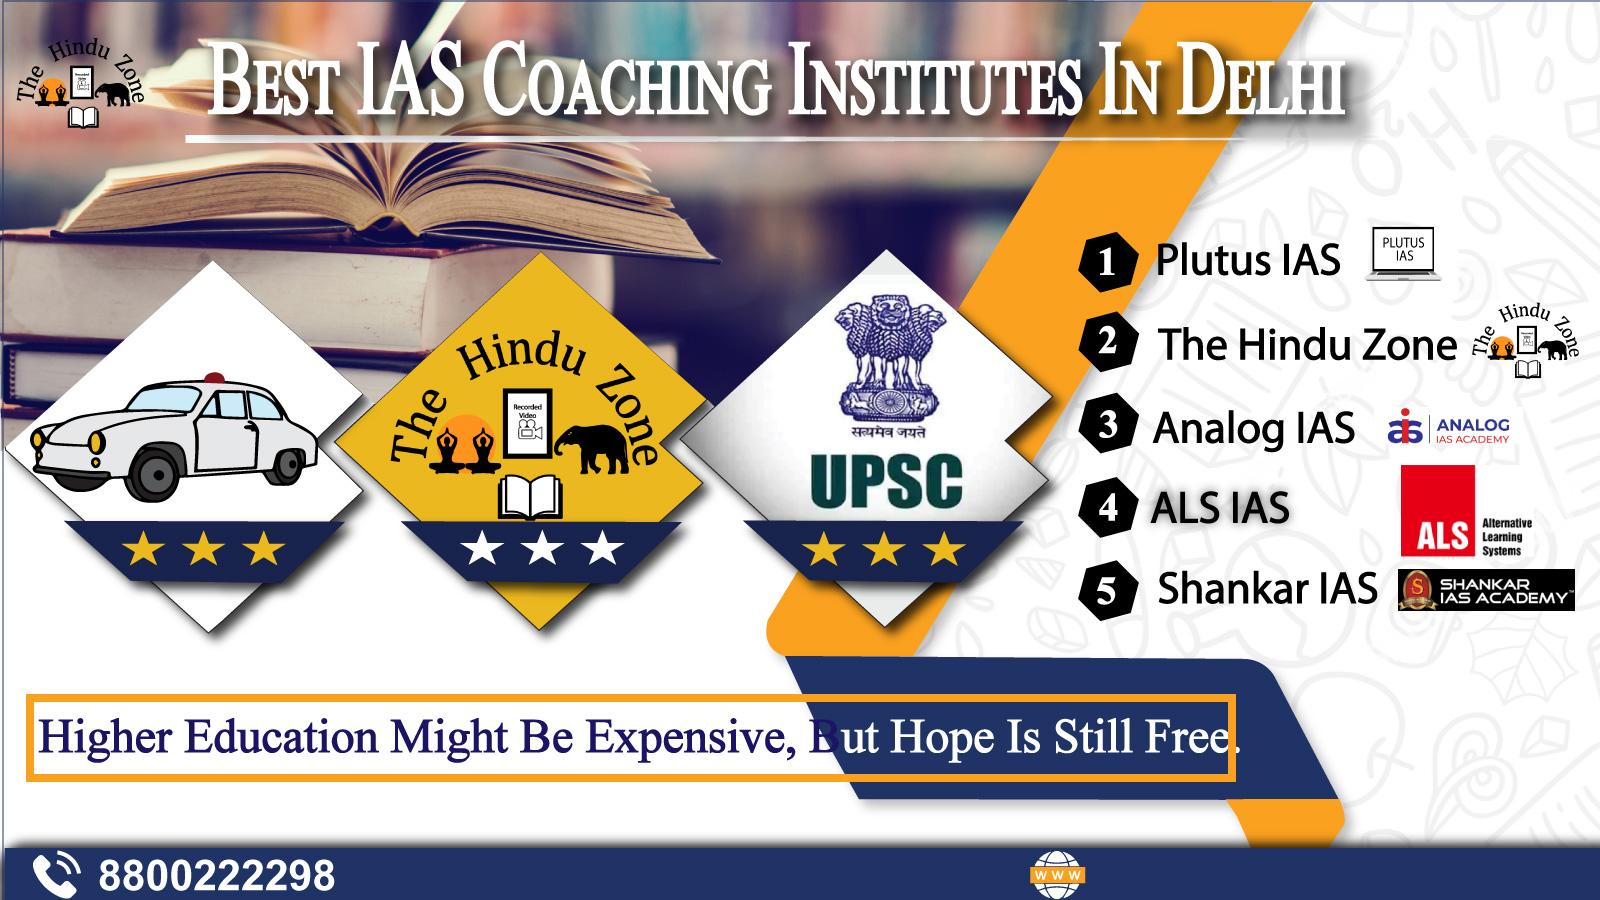 Top 10 IAS Coaching Institutes In Delhi